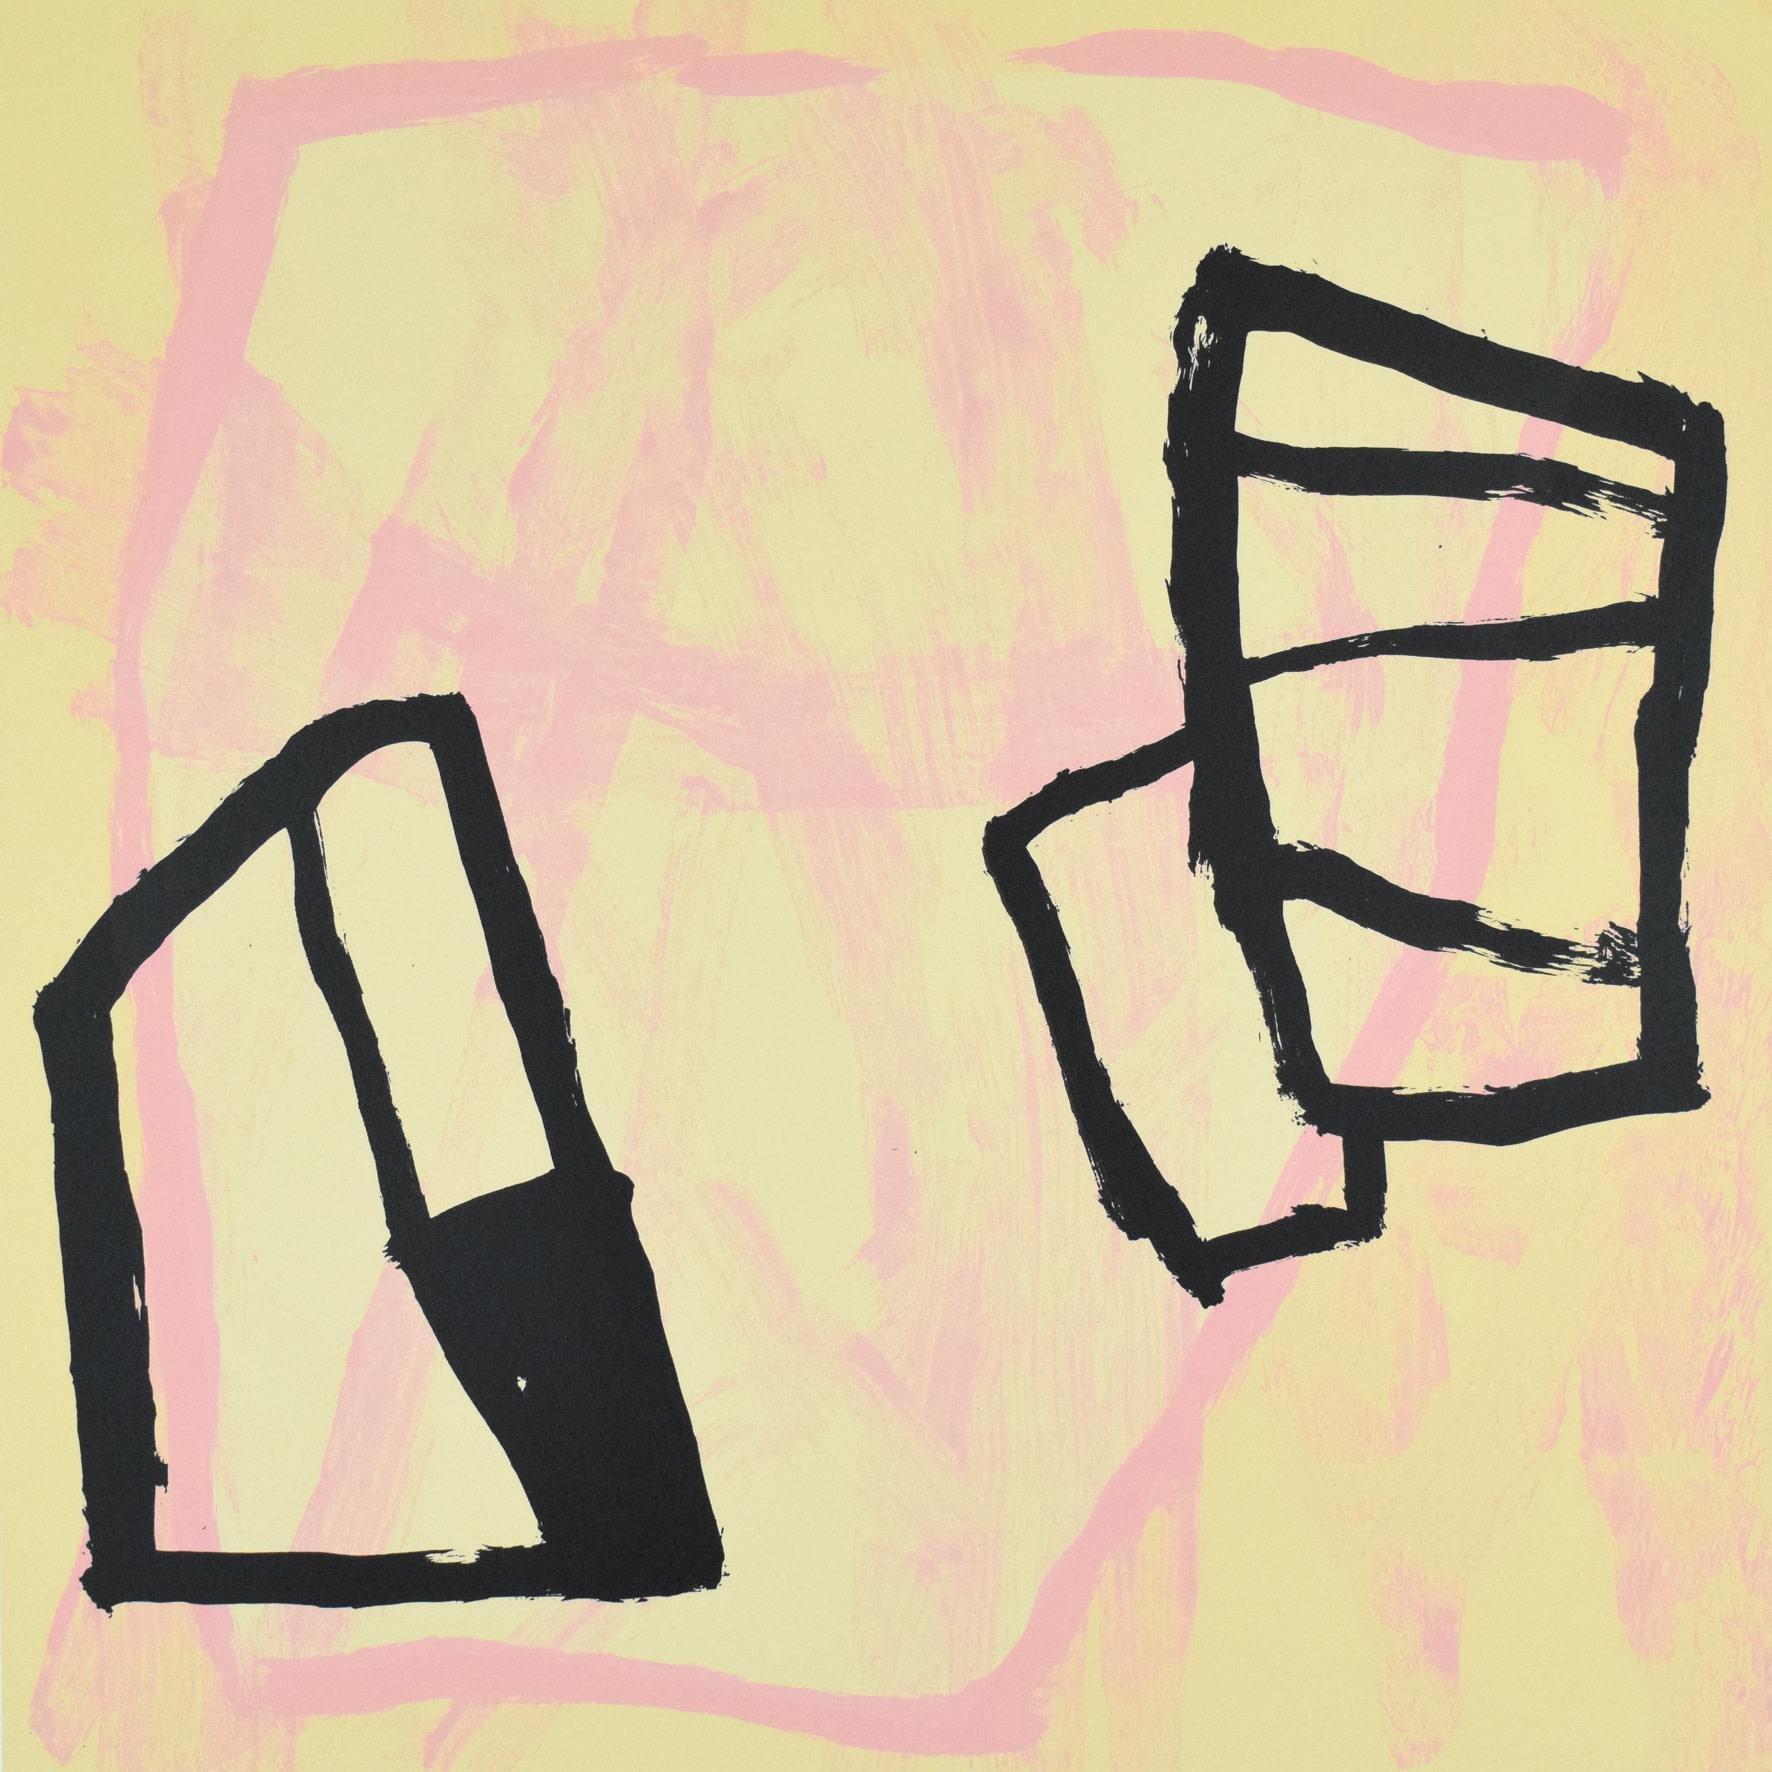 """<span class=""""link fancybox-details-link""""><a href=""""/artists/75-michelle-griffiths-vpre/works/11430/"""">View Detail Page</a></span><div class=""""artist""""><span class=""""artist""""><strong>Michelle Griffiths VPRE</strong></span></div><div class=""""title""""><em>Locus</em></div><div class=""""medium"""">screenprint</div><div class=""""dimensions"""">65 x 64 cm framed<br /> 40 x 40 cm image size</div><div class=""""edition_details"""">edition of 10</div><div class=""""price"""">£460.00 framed<br>£400.00 unframed</div>"""